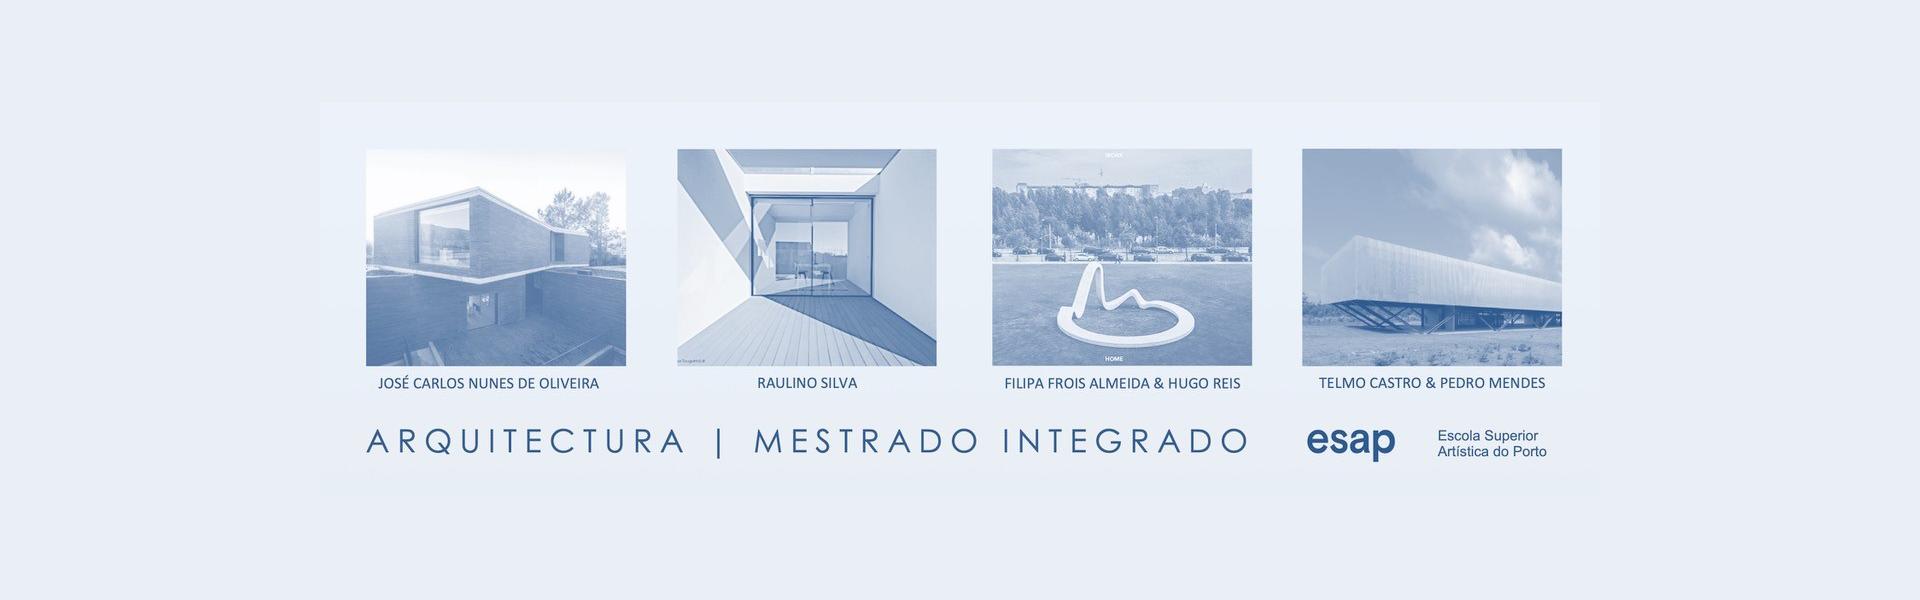 Conferência Arquitetura